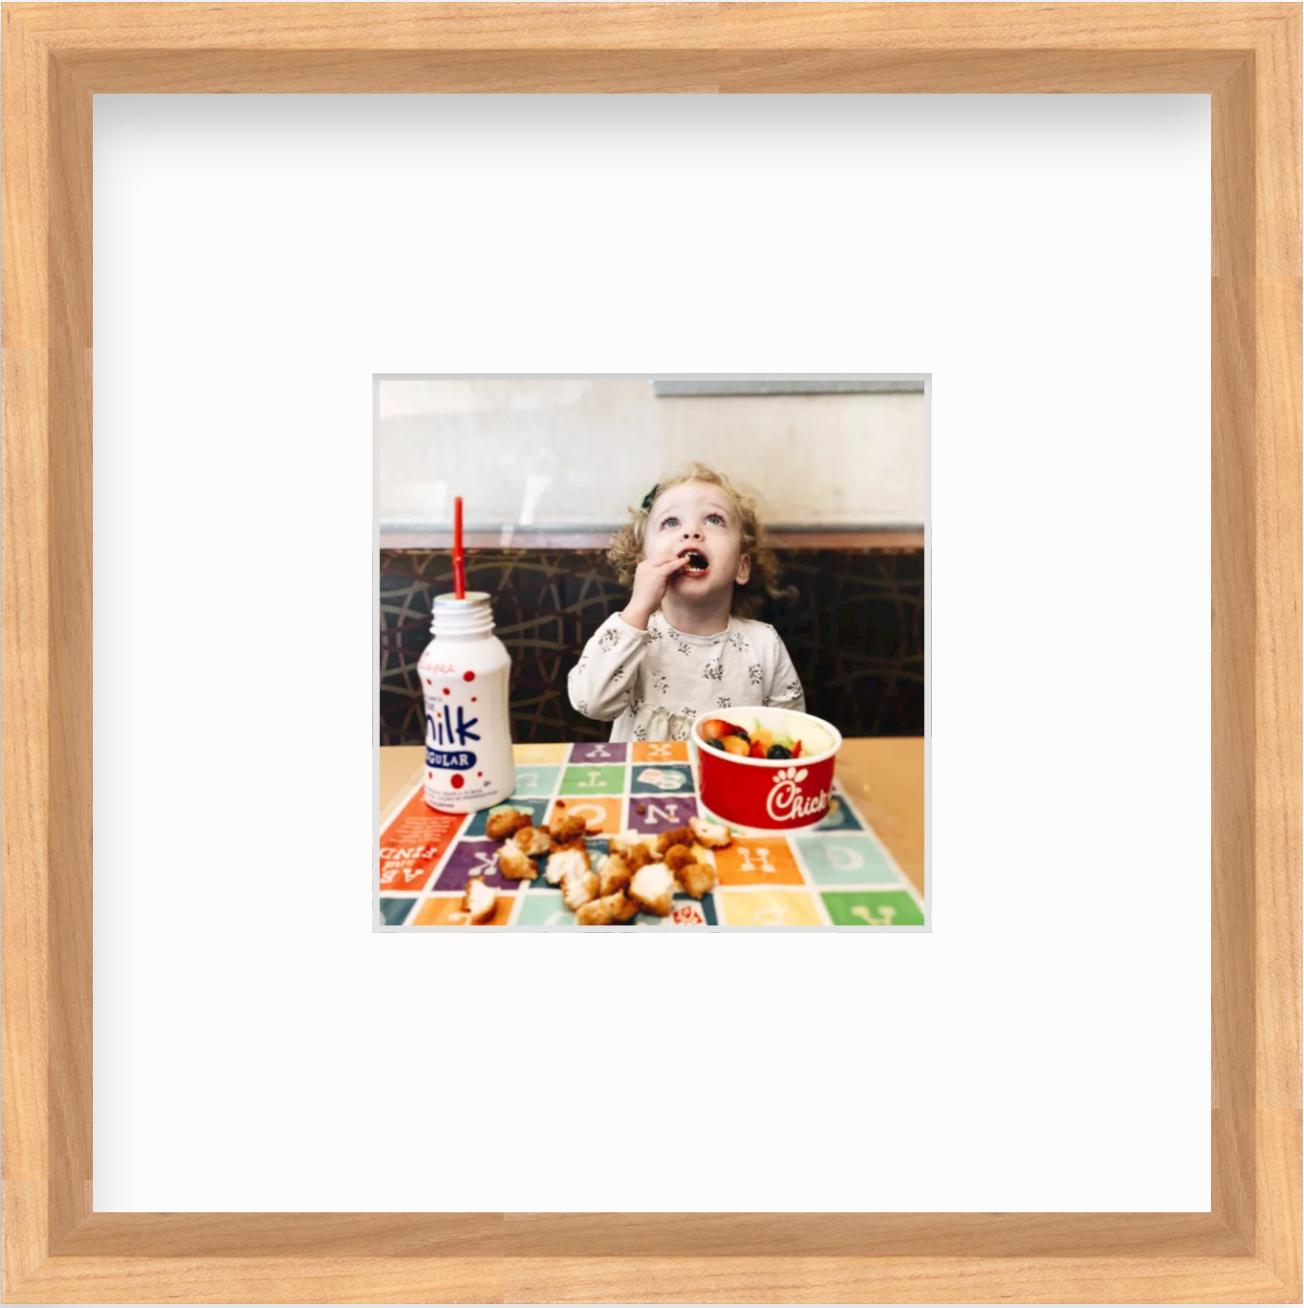 framed photo of girl eating